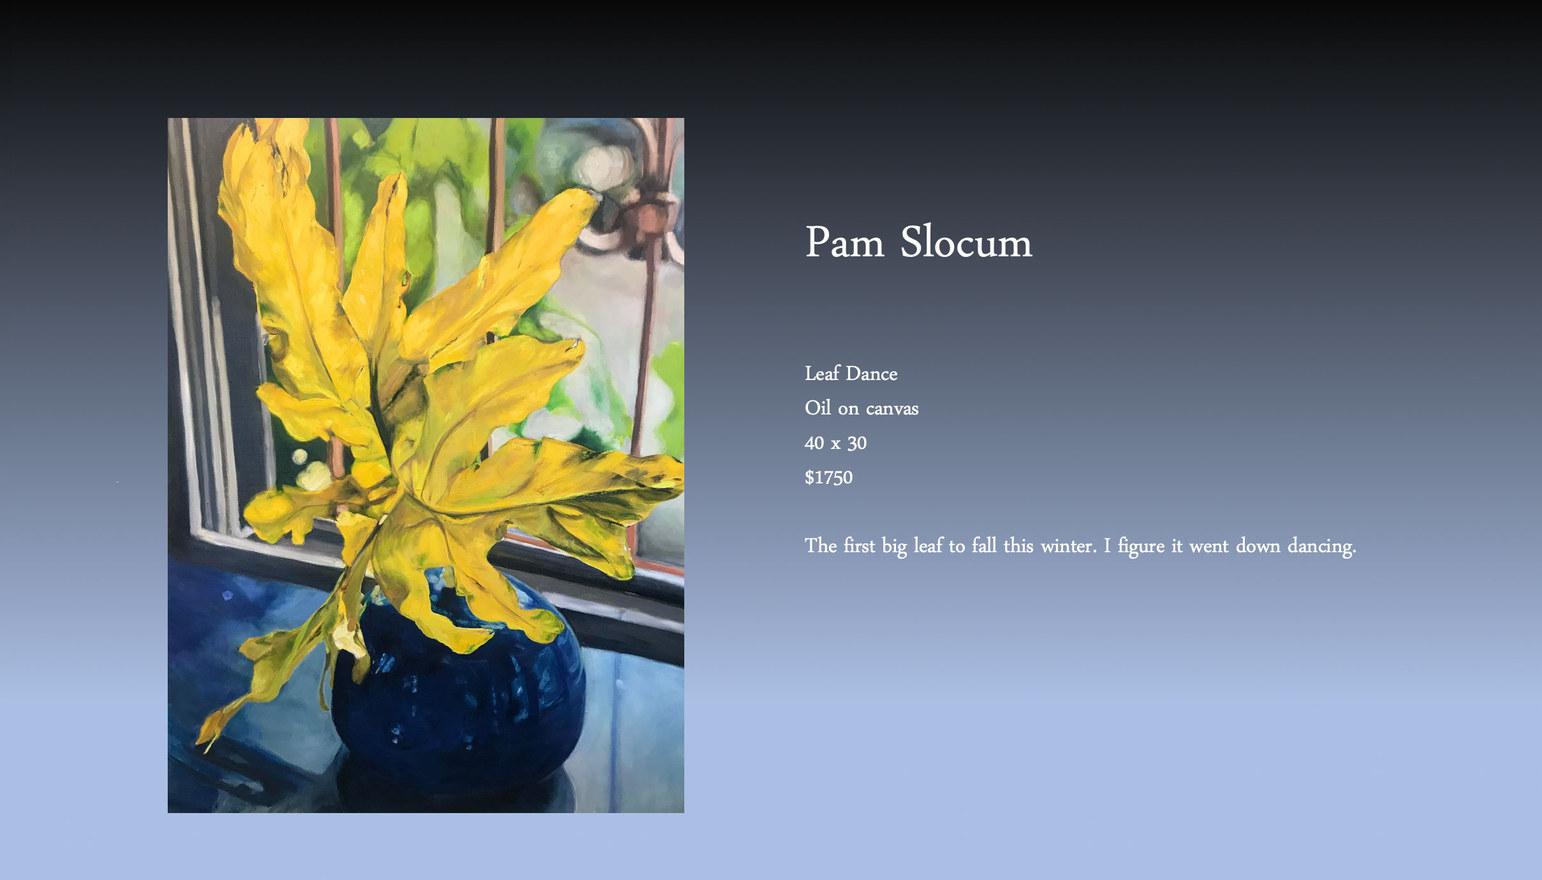 Pam Slocum